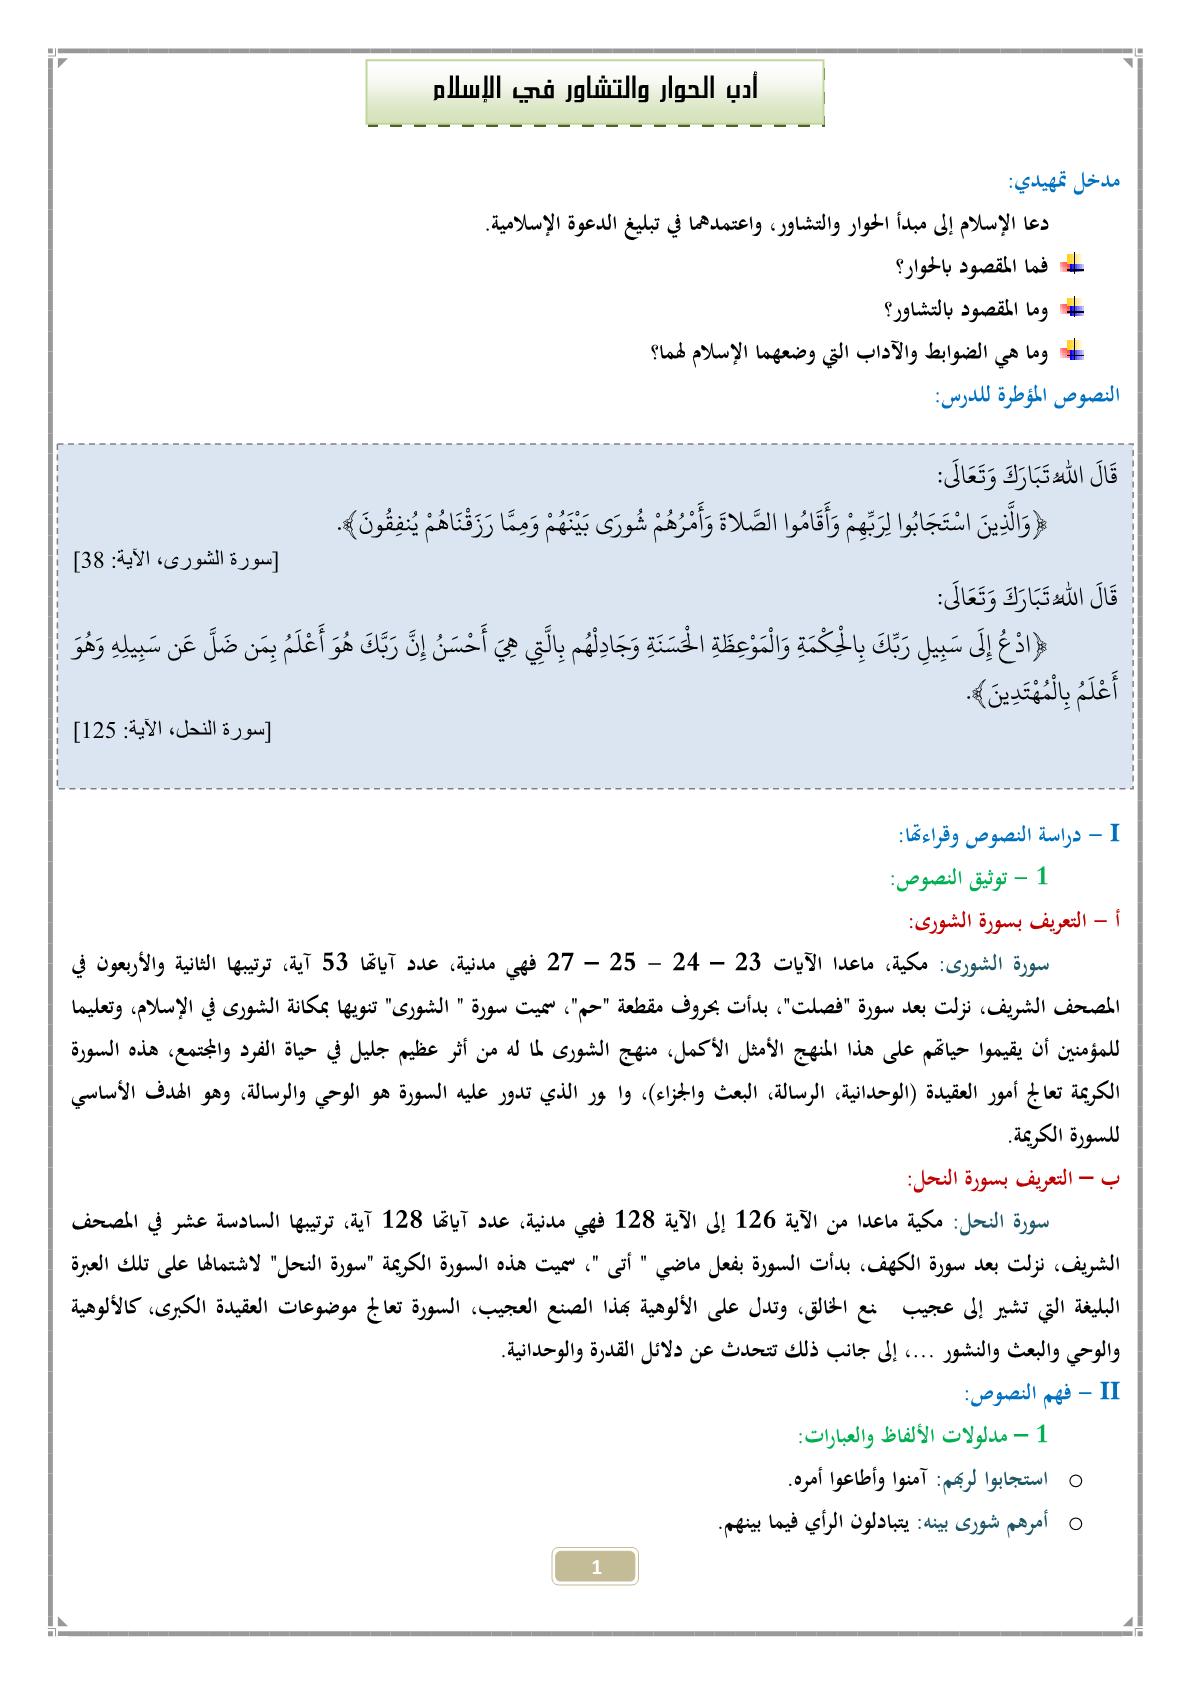 درس أدب الحوار والتشاور في الإسلام للسنة الثانية إعدادي